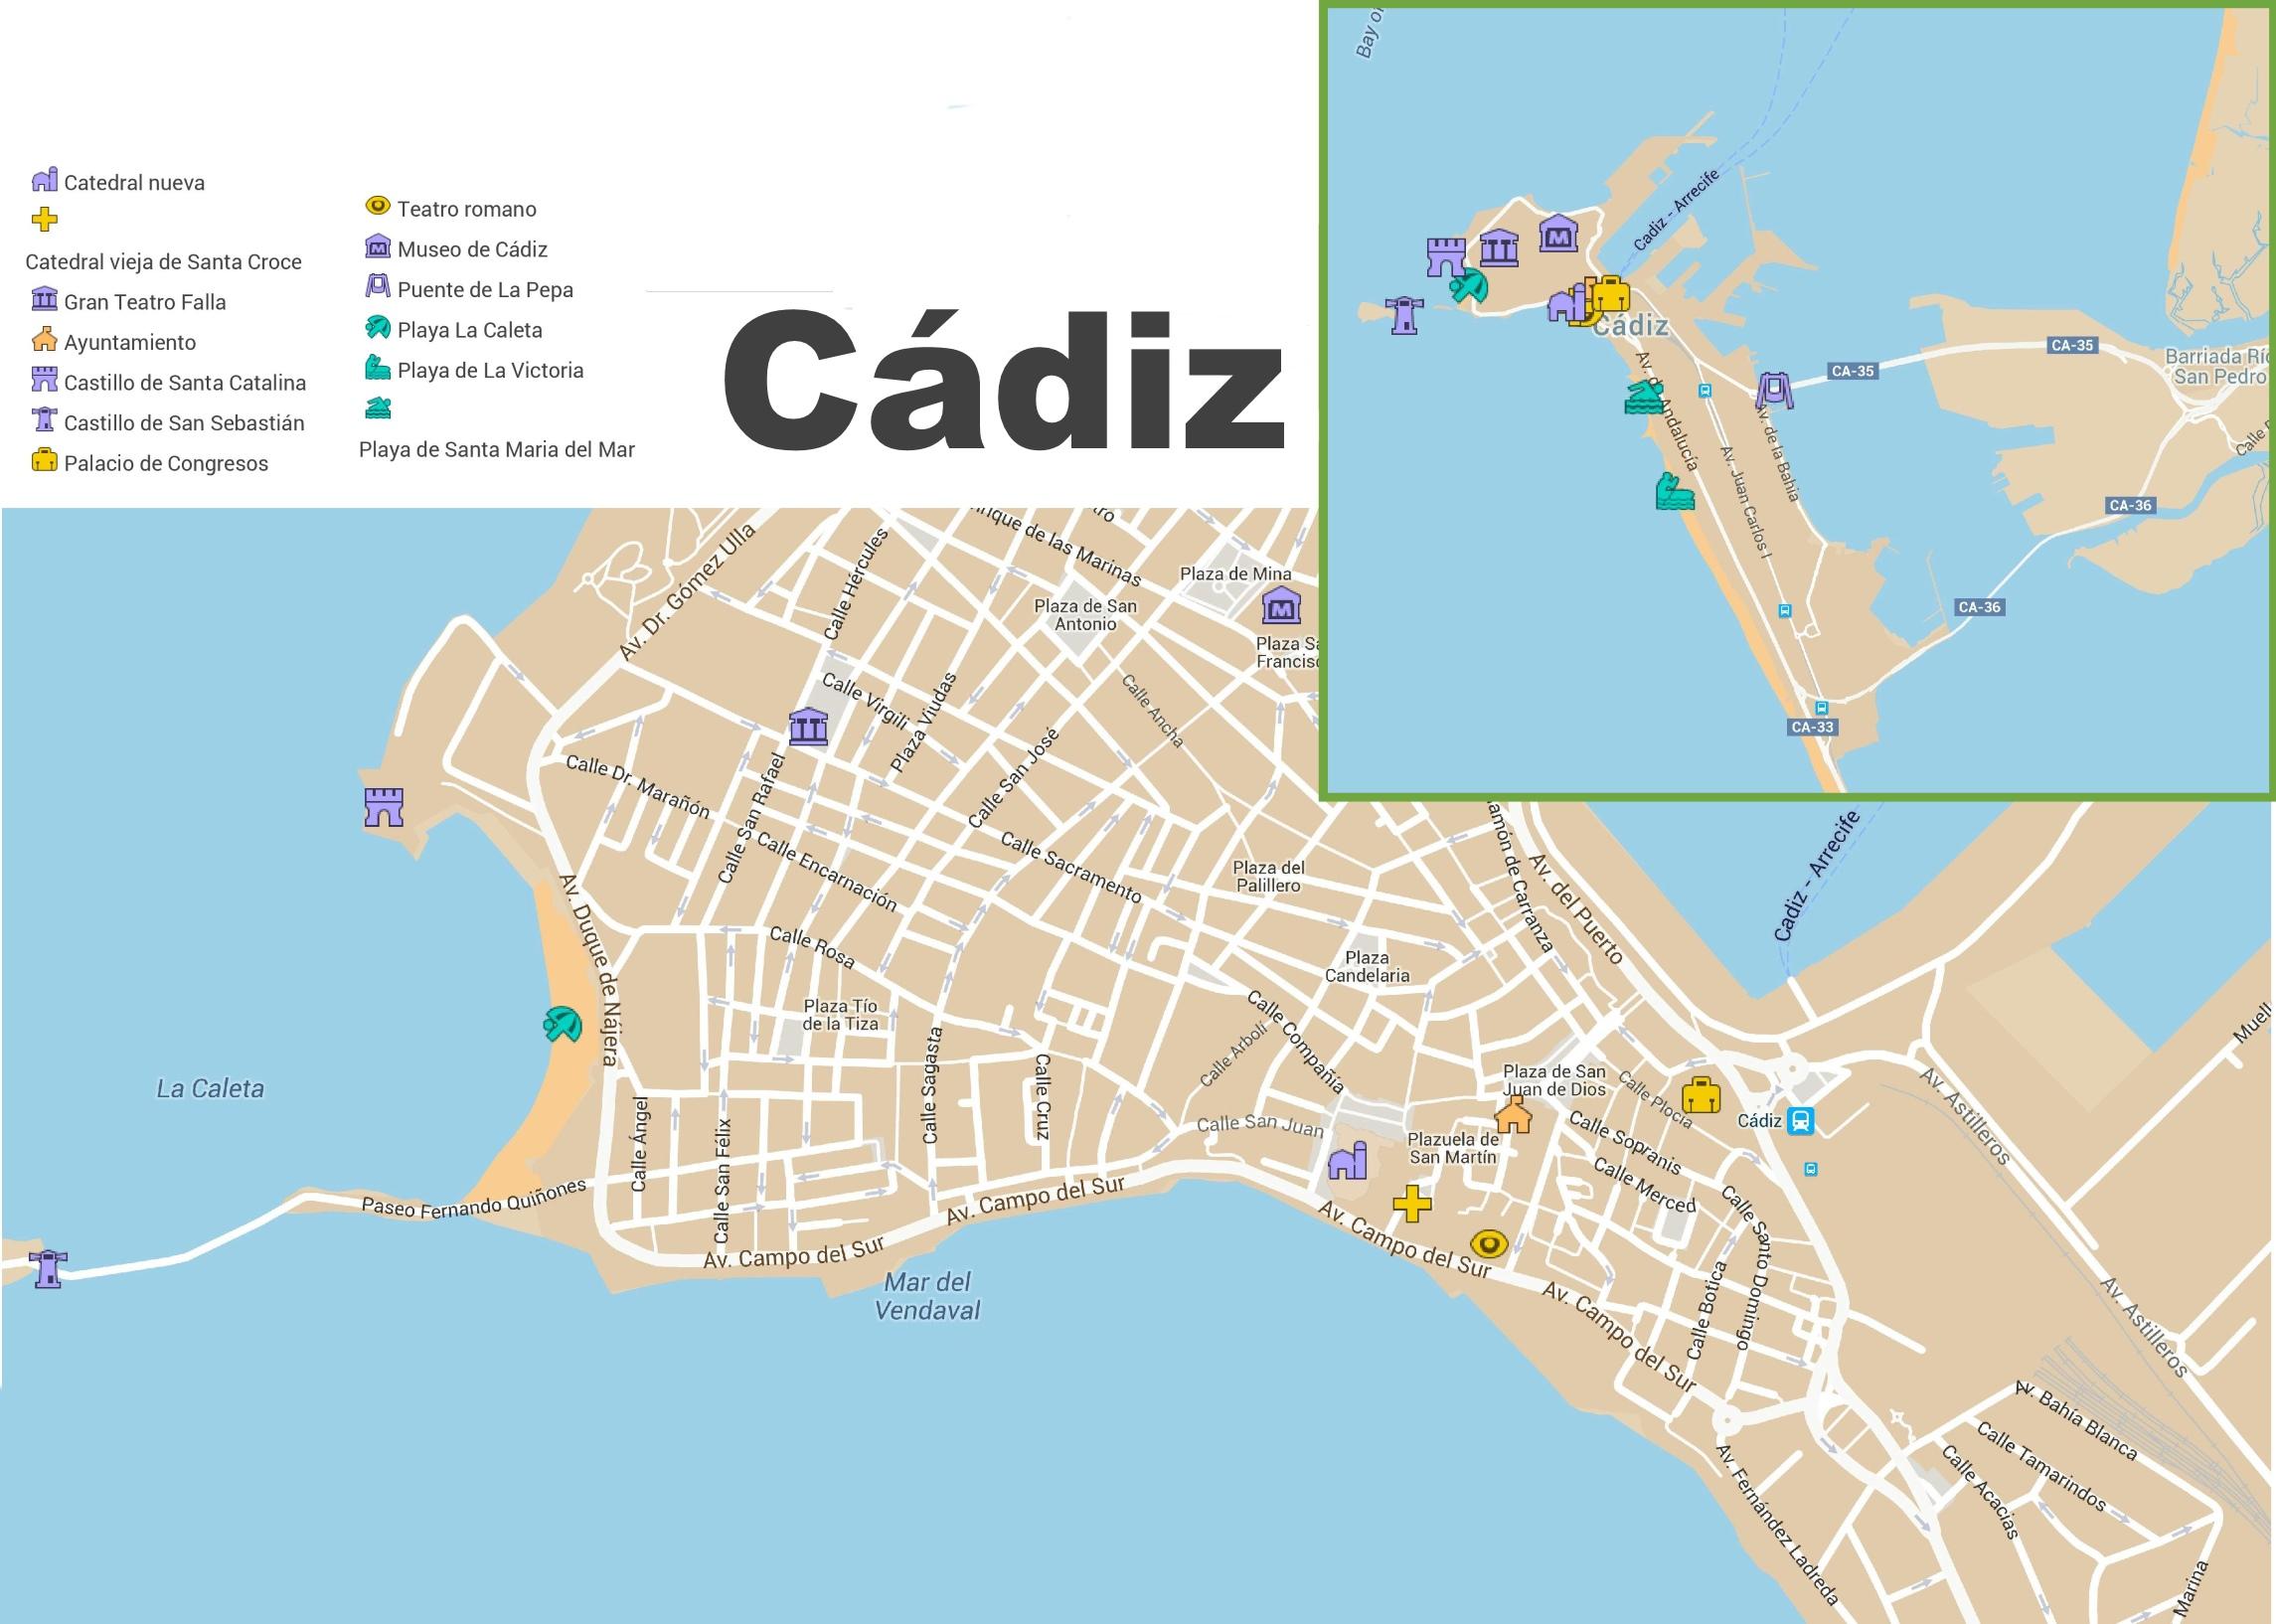 Подробная карта Кадиса с достопримечательностями